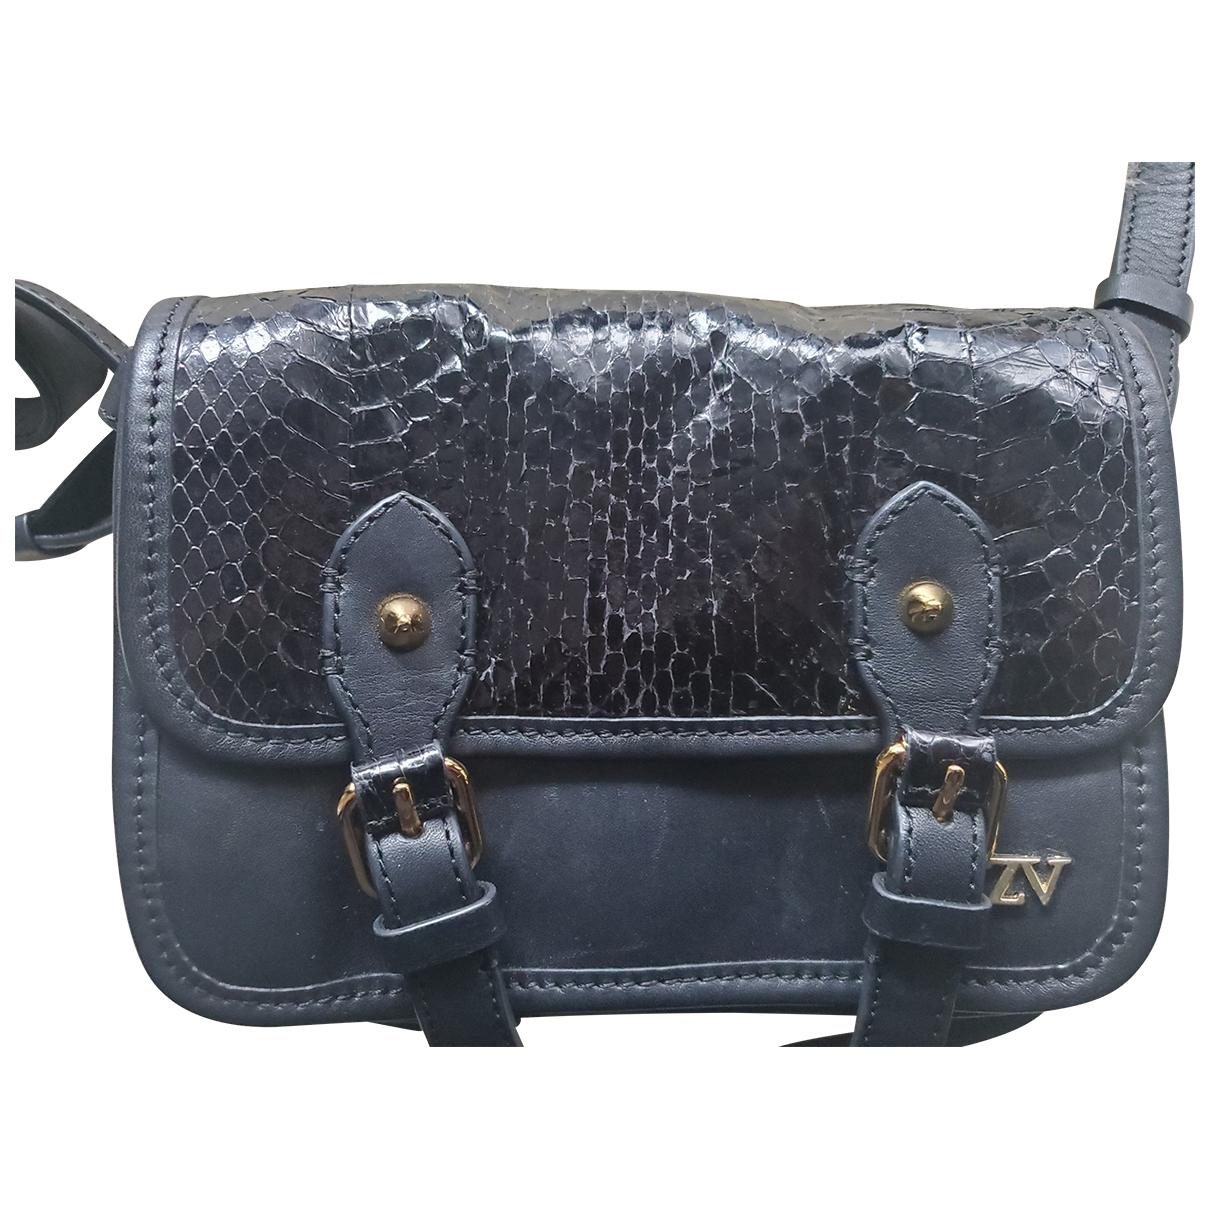 Zadig & Voltaire \N Handtasche in  Schwarz Leder